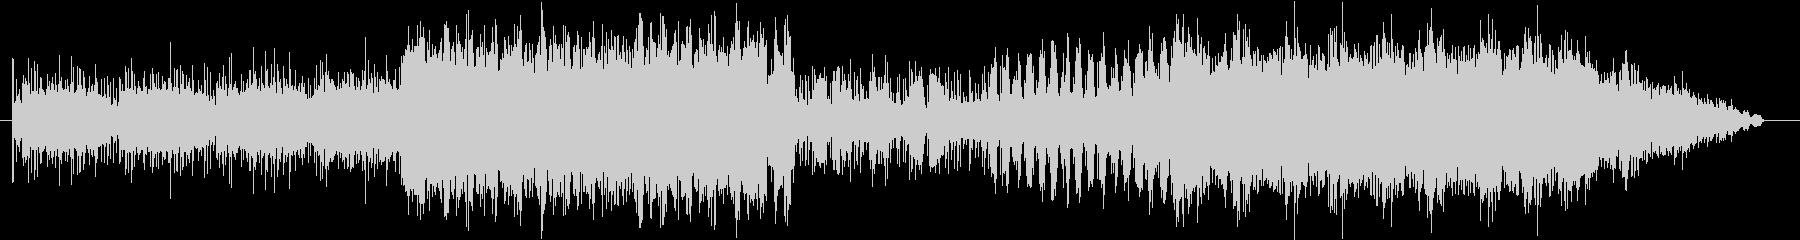 メルヘンチックなEDMの未再生の波形